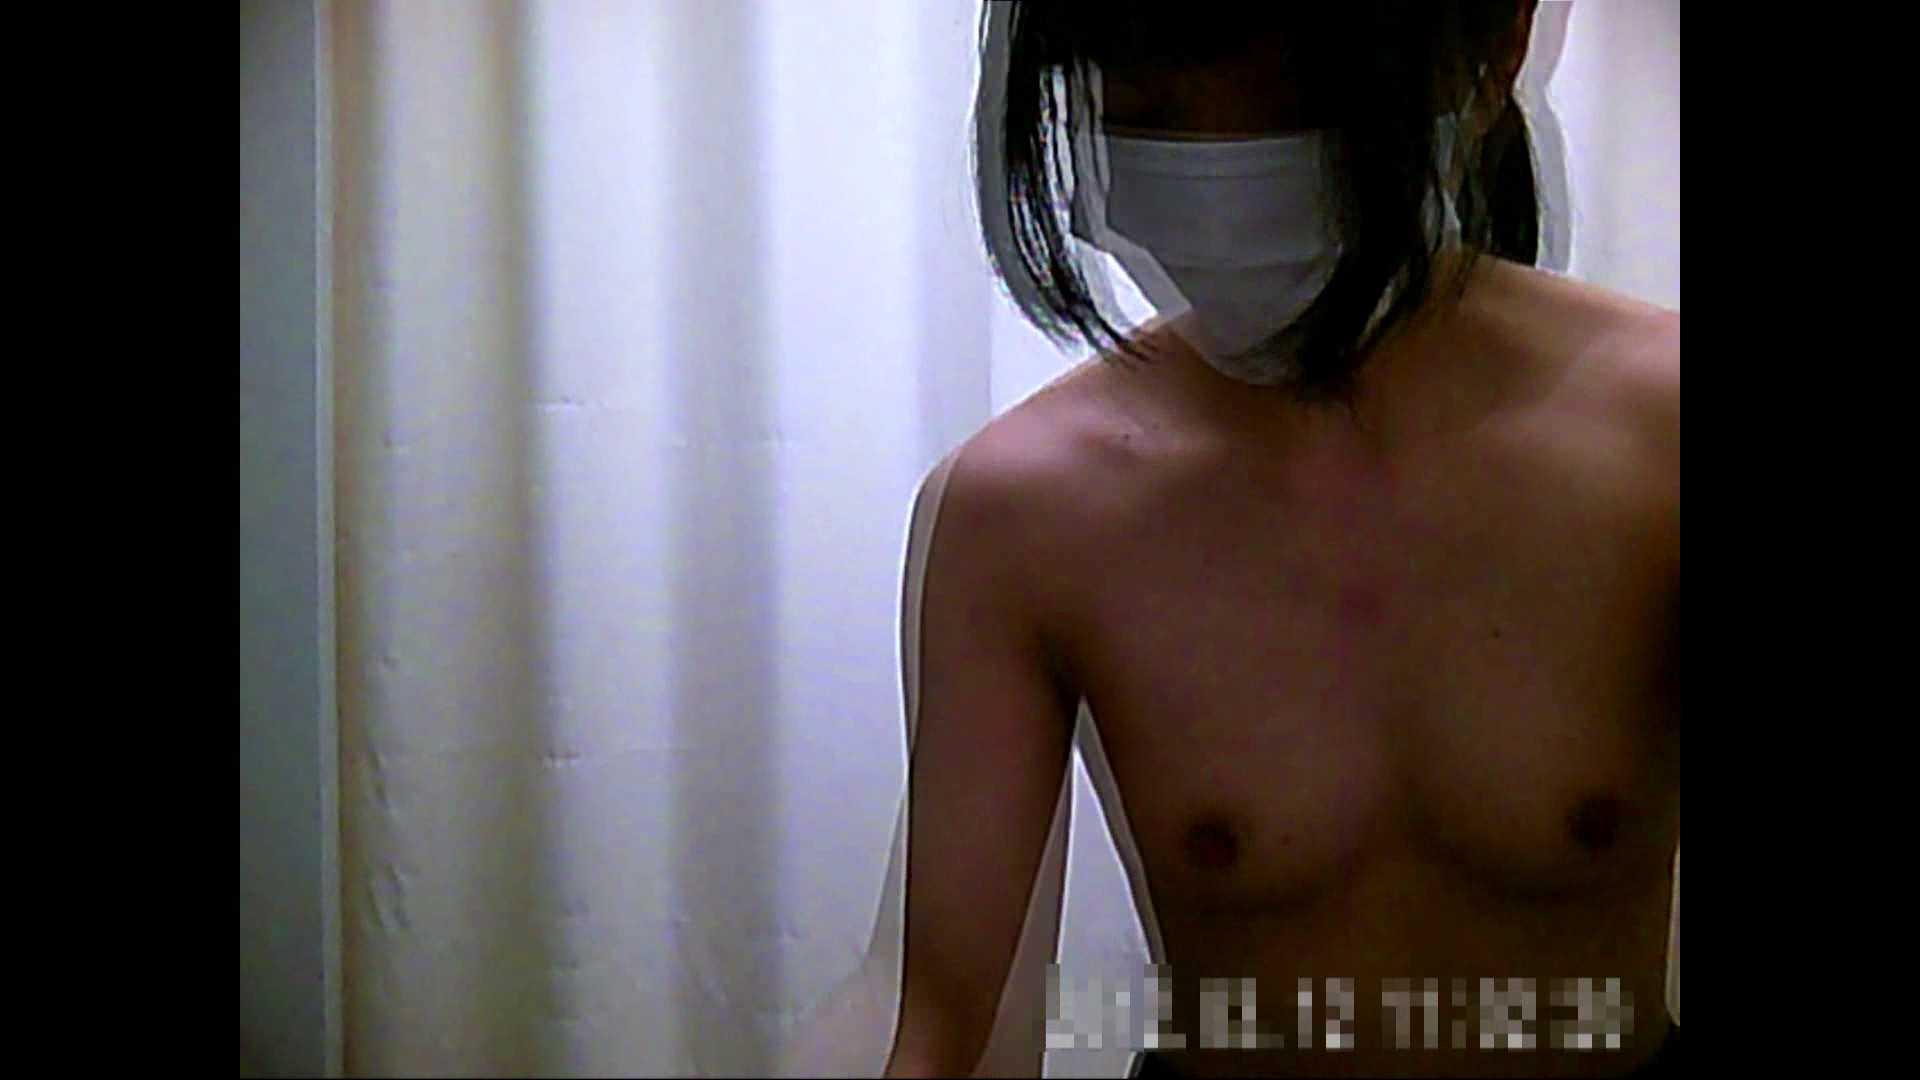 元医者による反抗 更衣室地獄絵巻 vol.028 OL   0  52連発 27